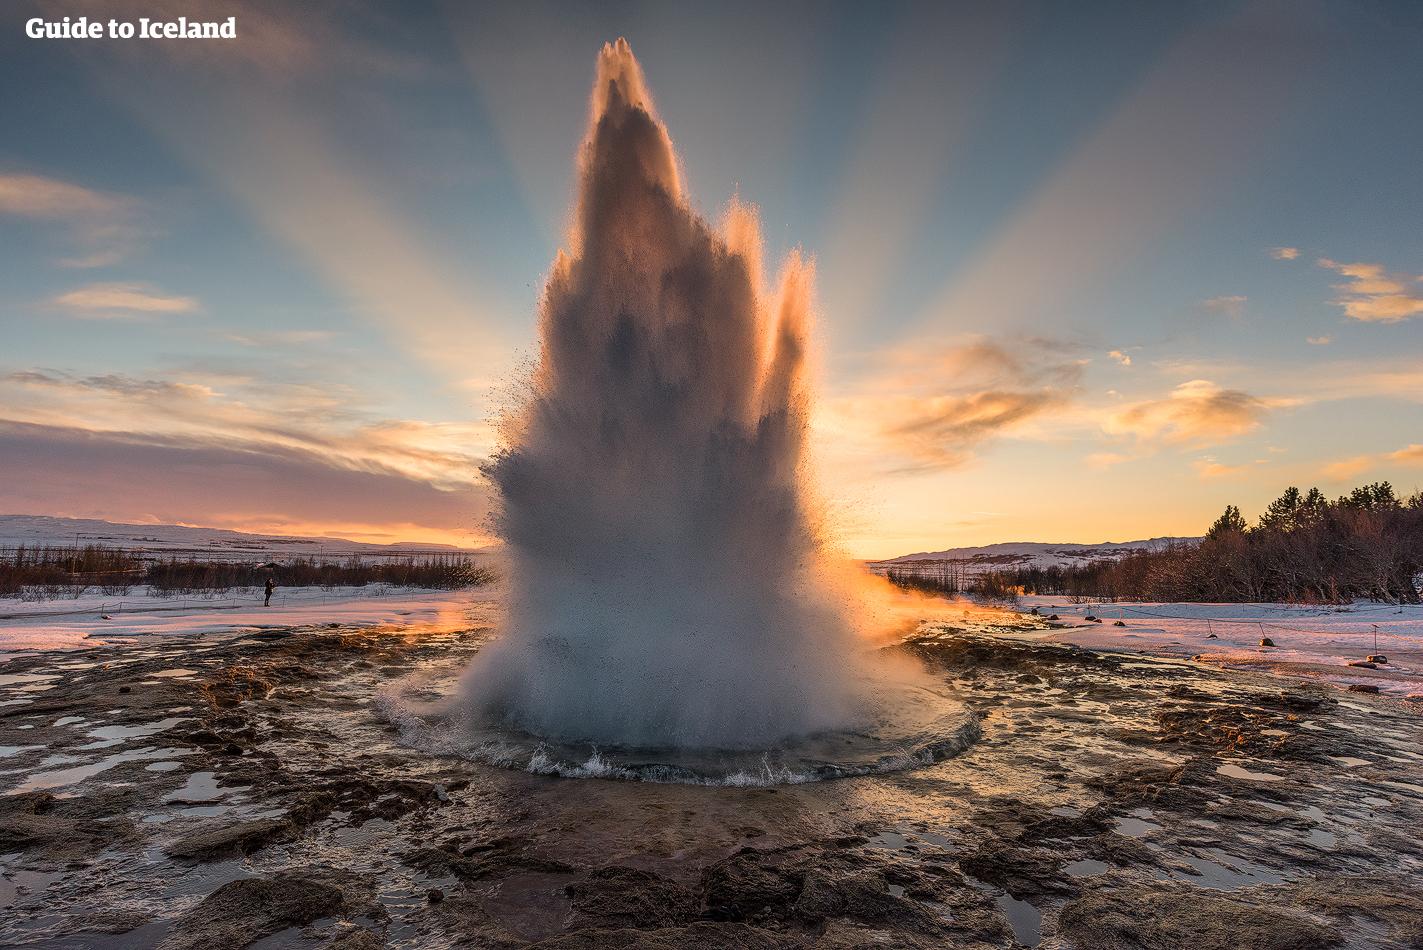 Været på Island og den beste tiden å reise på